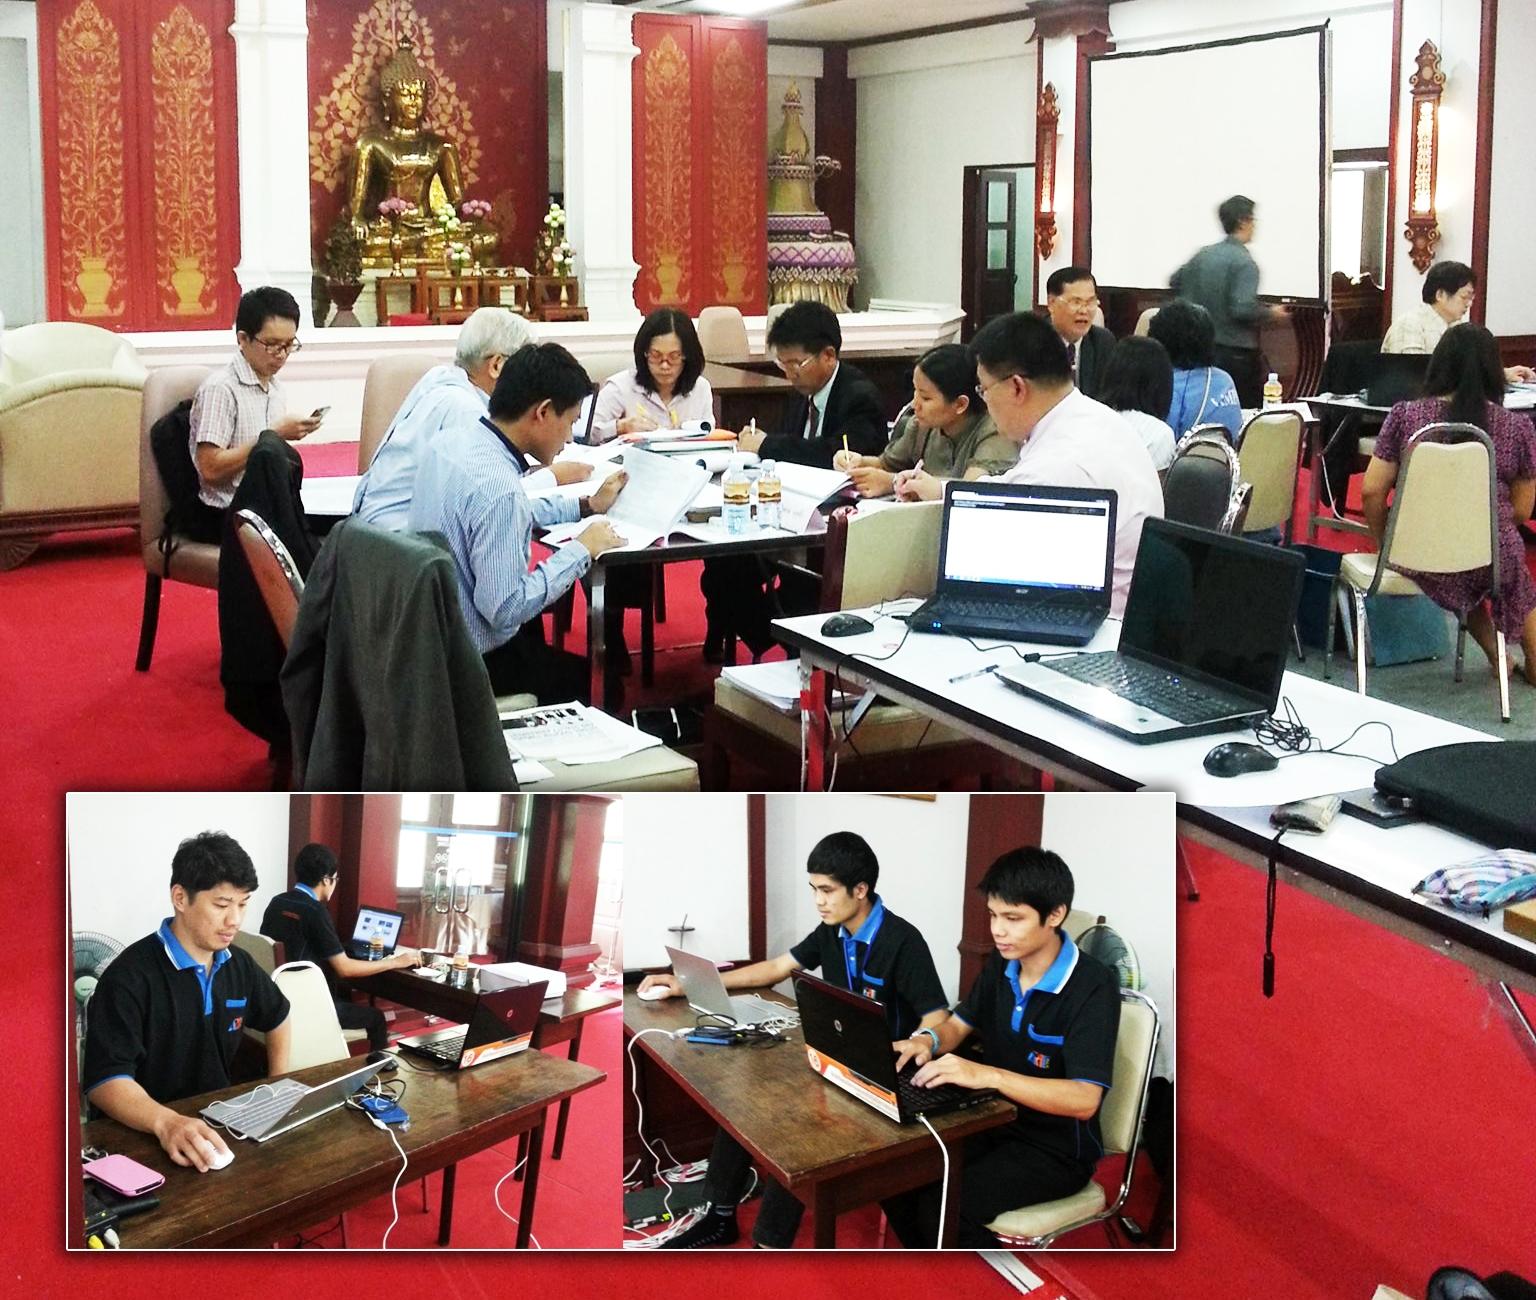 Rmutl Arit Service บริการ สารสนเทศฯ เพื่อการประเมิน สมศ.